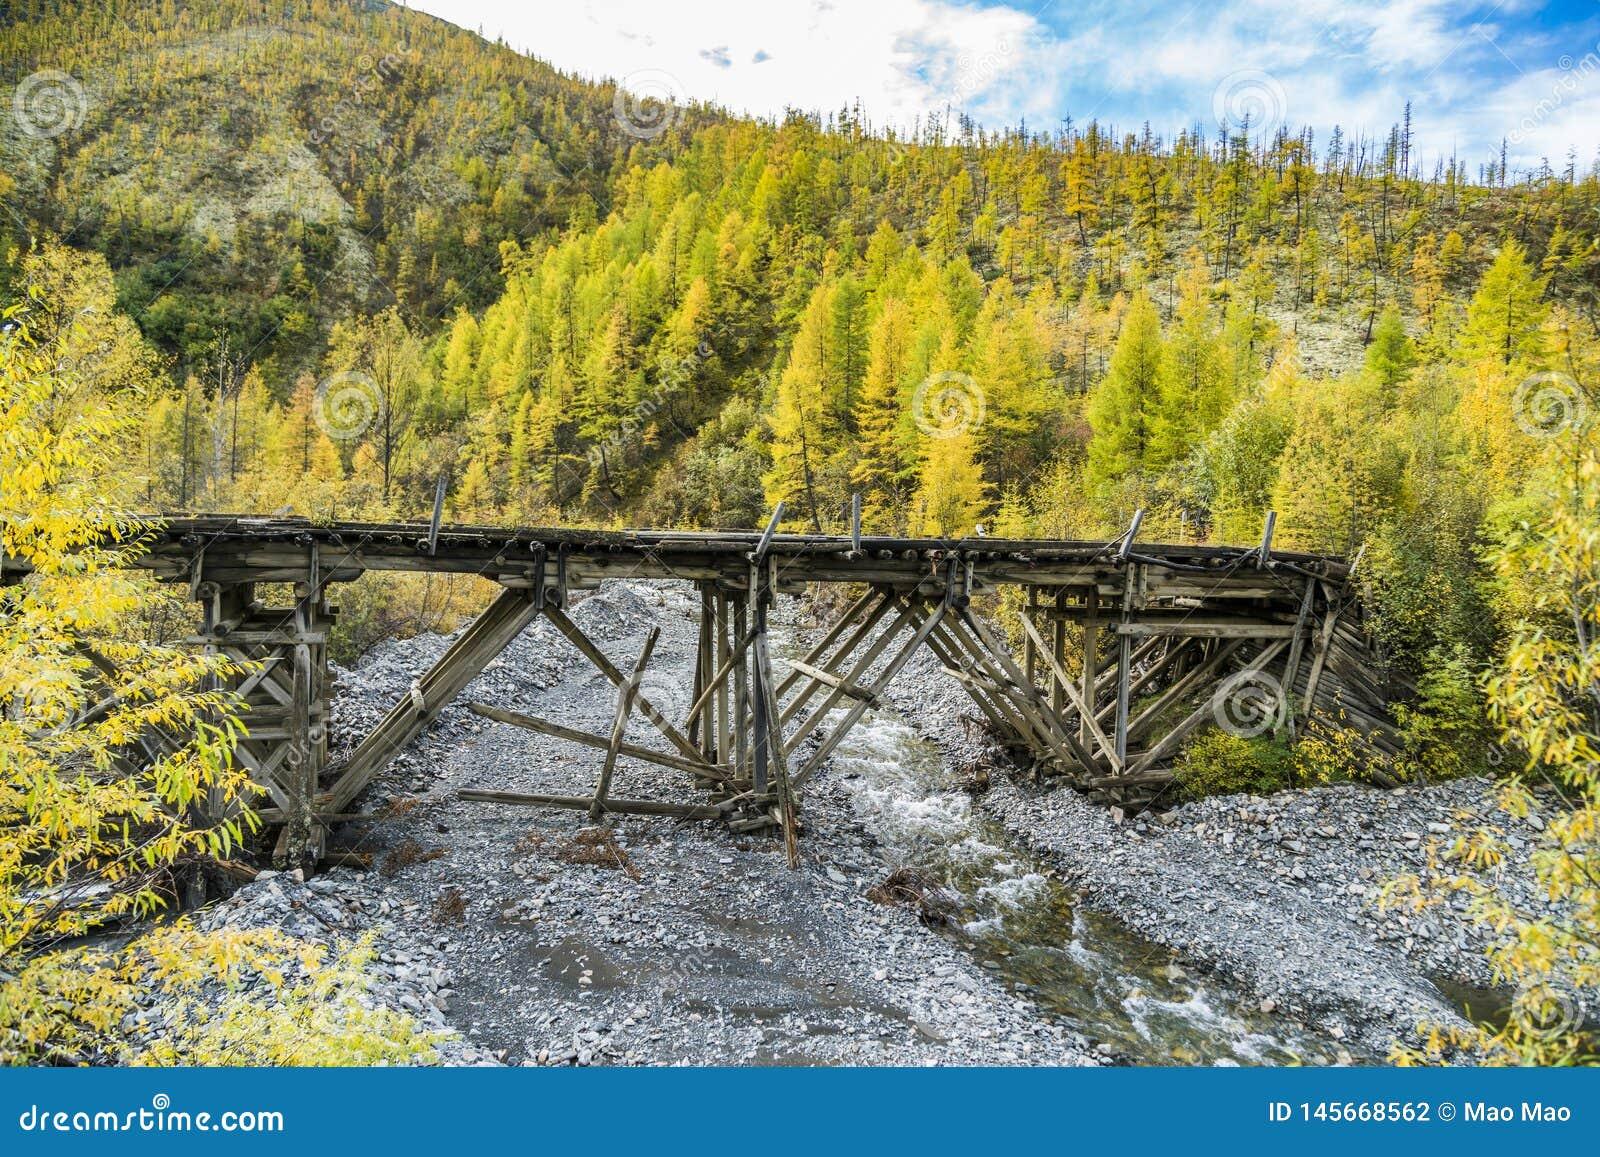 Russland Beschaffenheit des Fernen Ostens: Holzbr?cke auf dem Waldweg